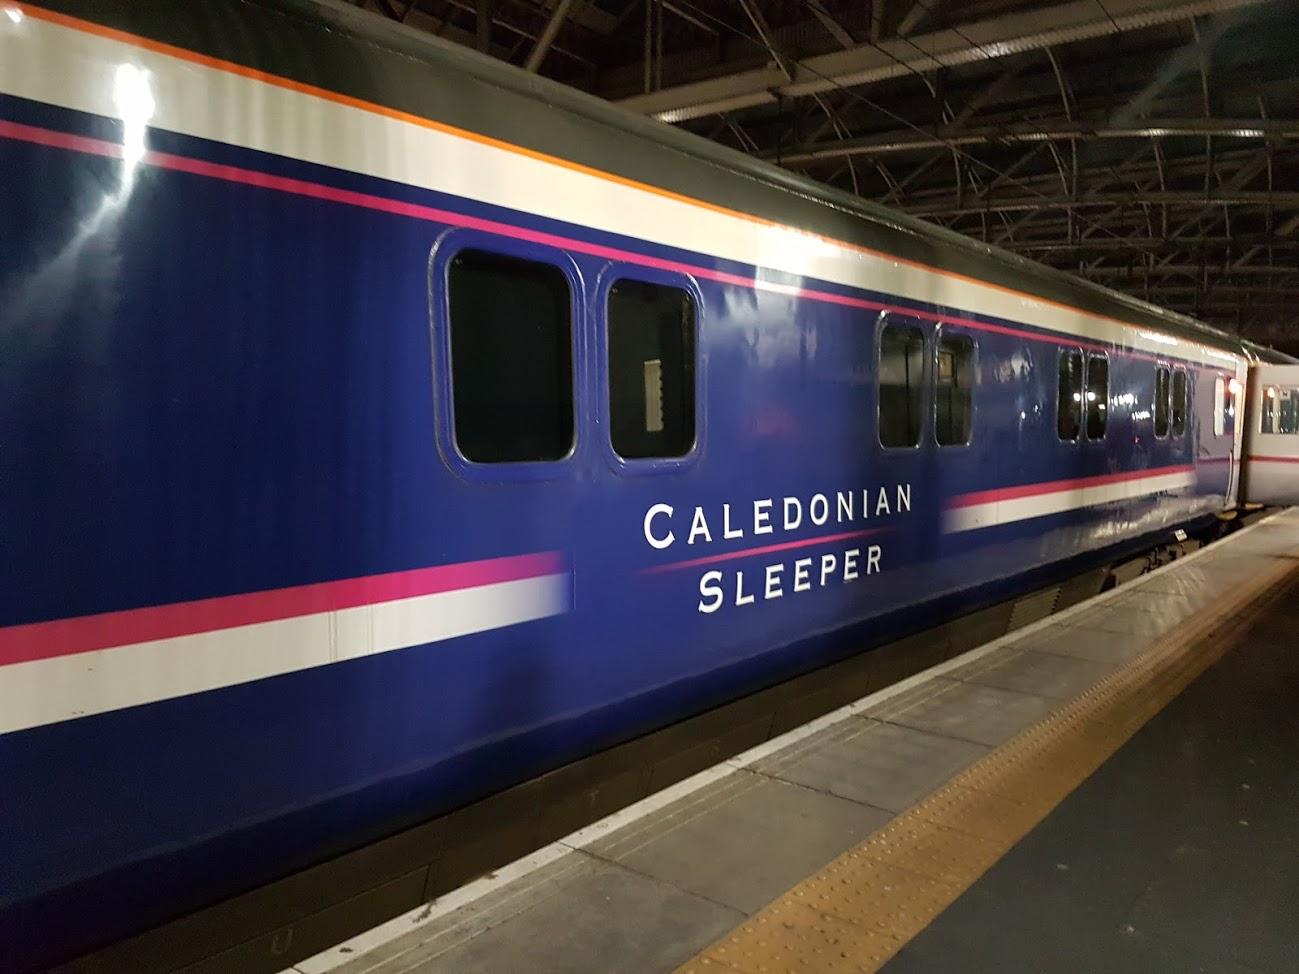 Caledonian-Sleeper-Image